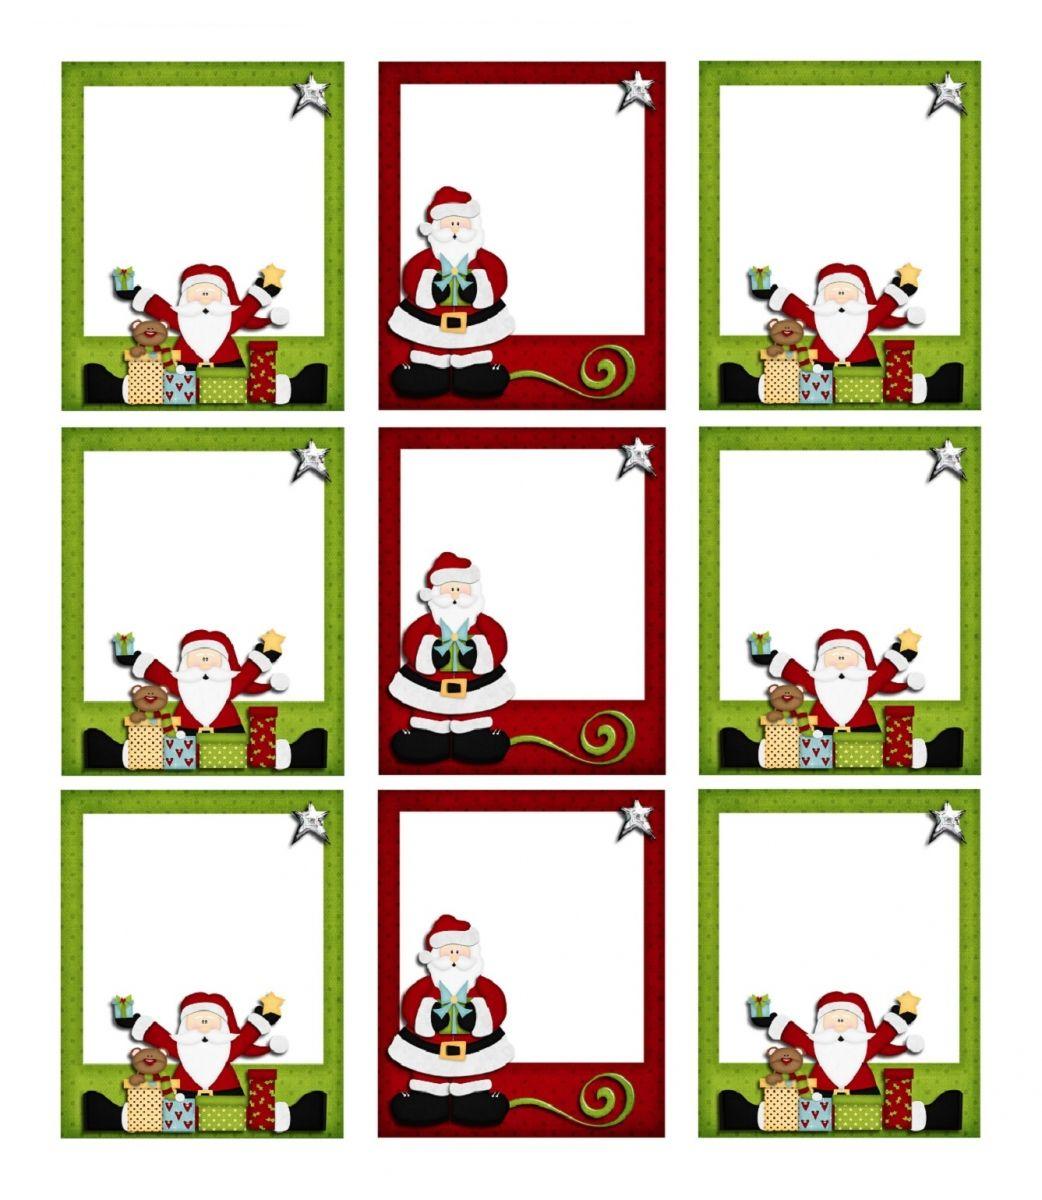 Étiquettes De Noël À Imprimer Pour Les Cadeaux À Offrir à Etiquette Pour Cadeau De Noel